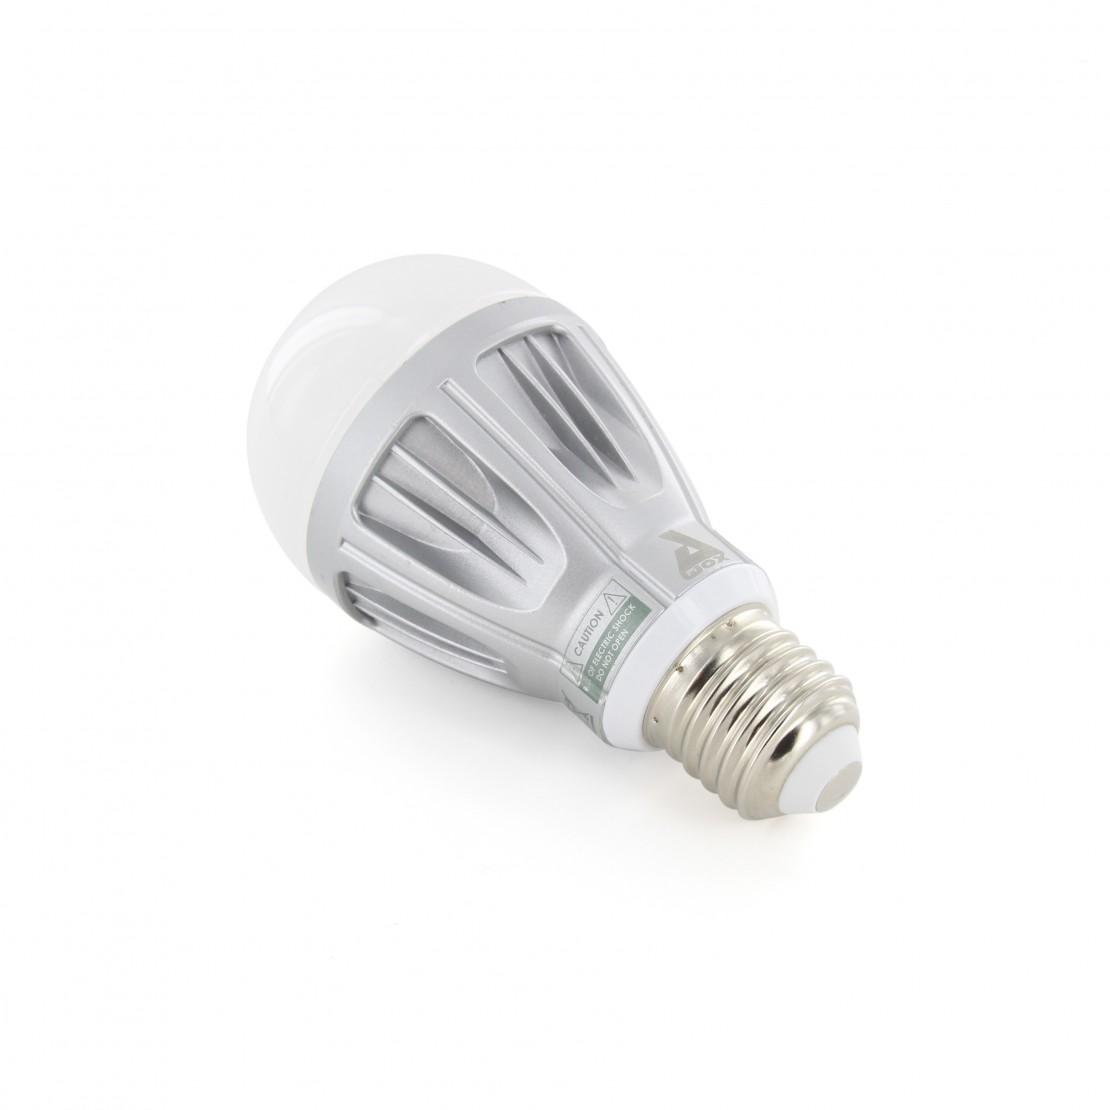 SmartLIGHT - ampoule E27 blanche connectée Bluetooth